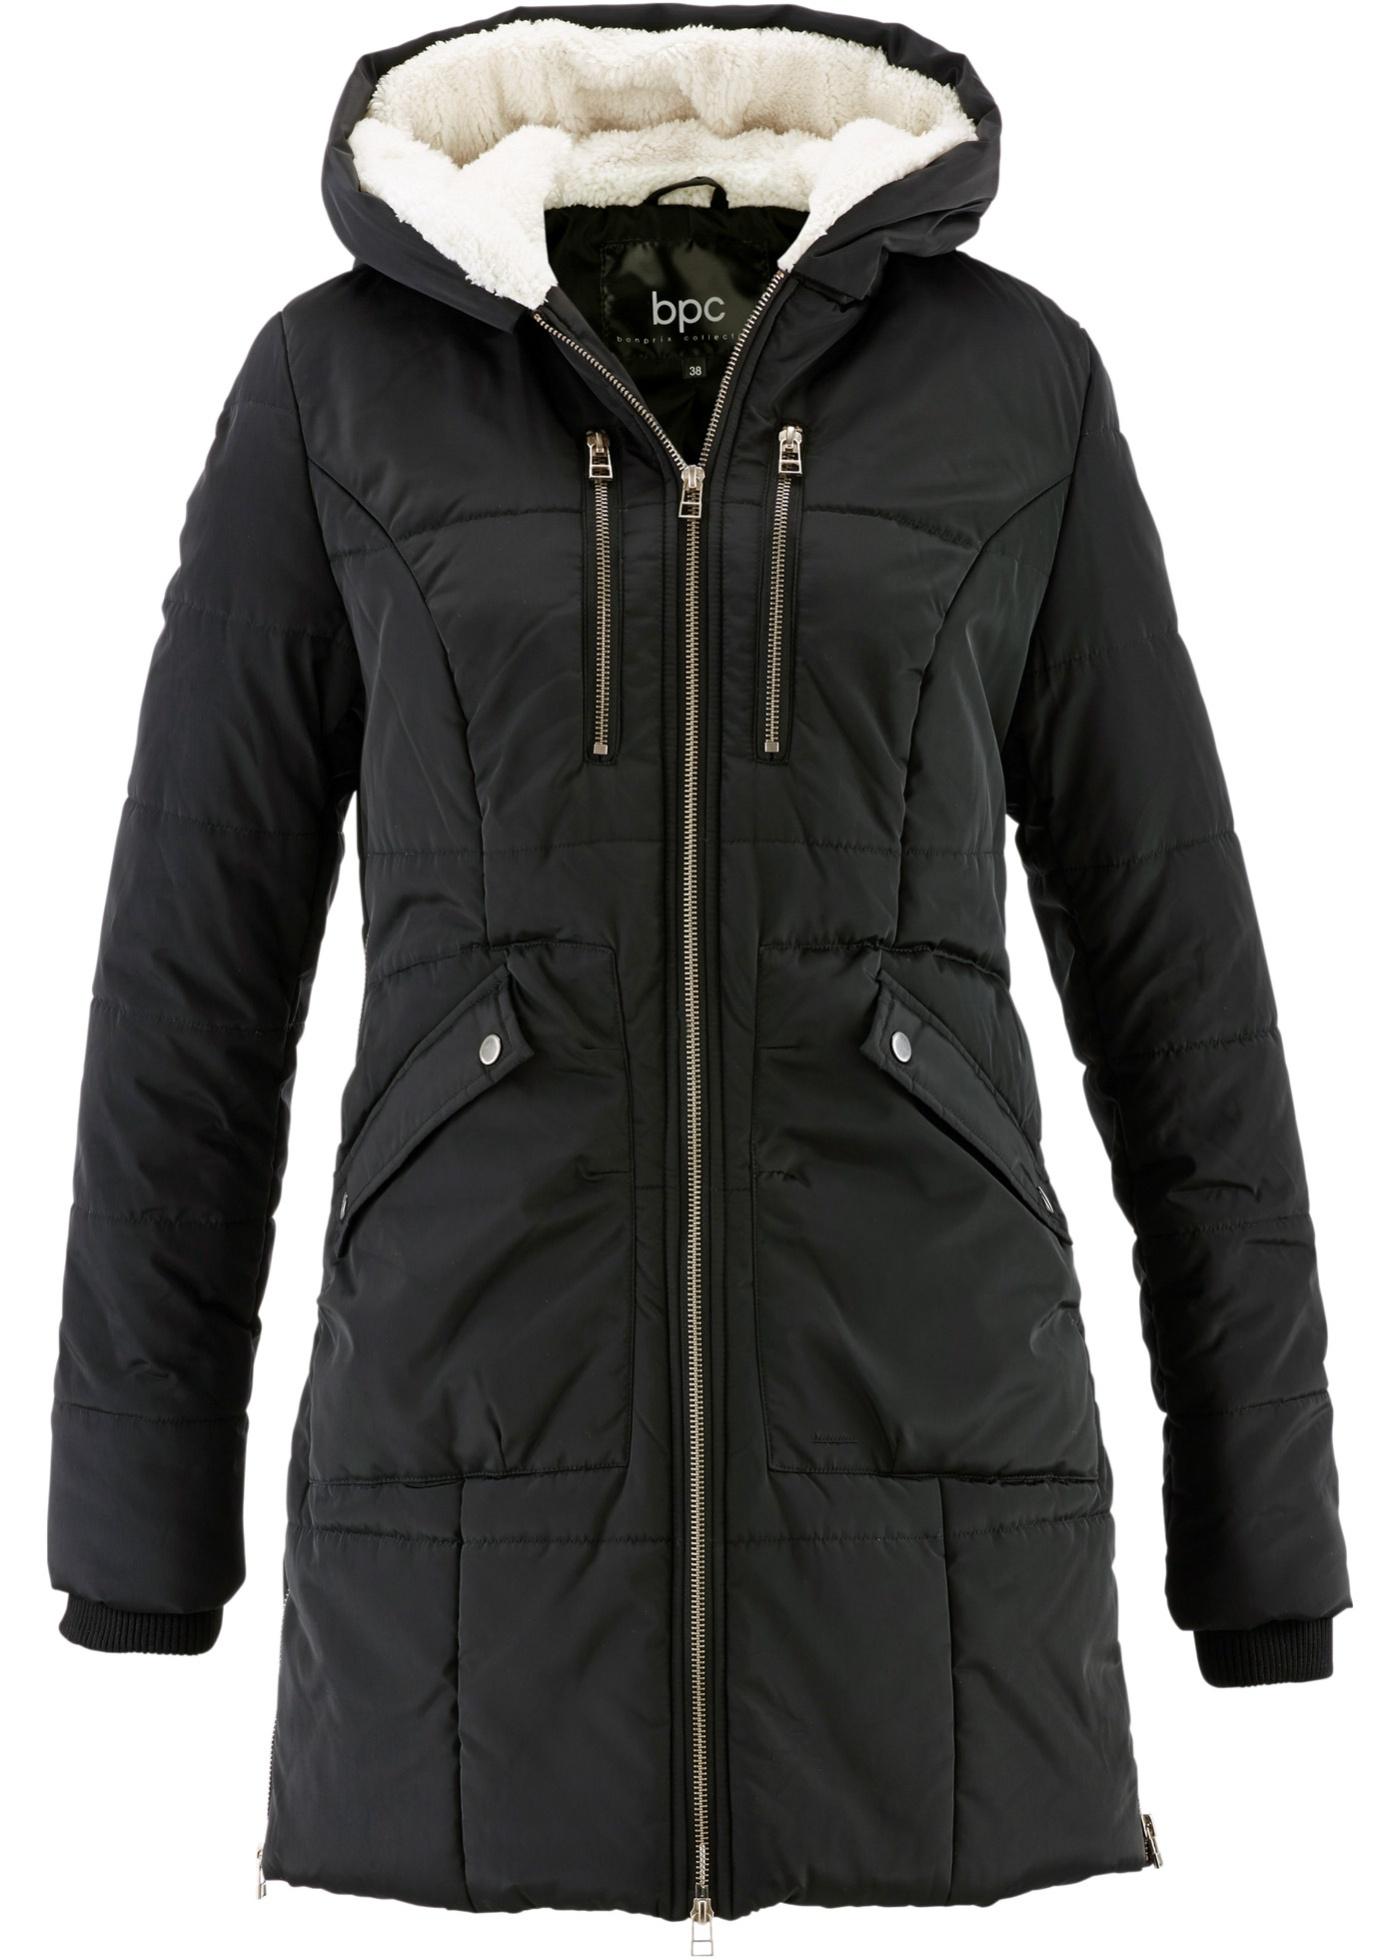 Manteau avec capuche doublée noir femme - bonprix